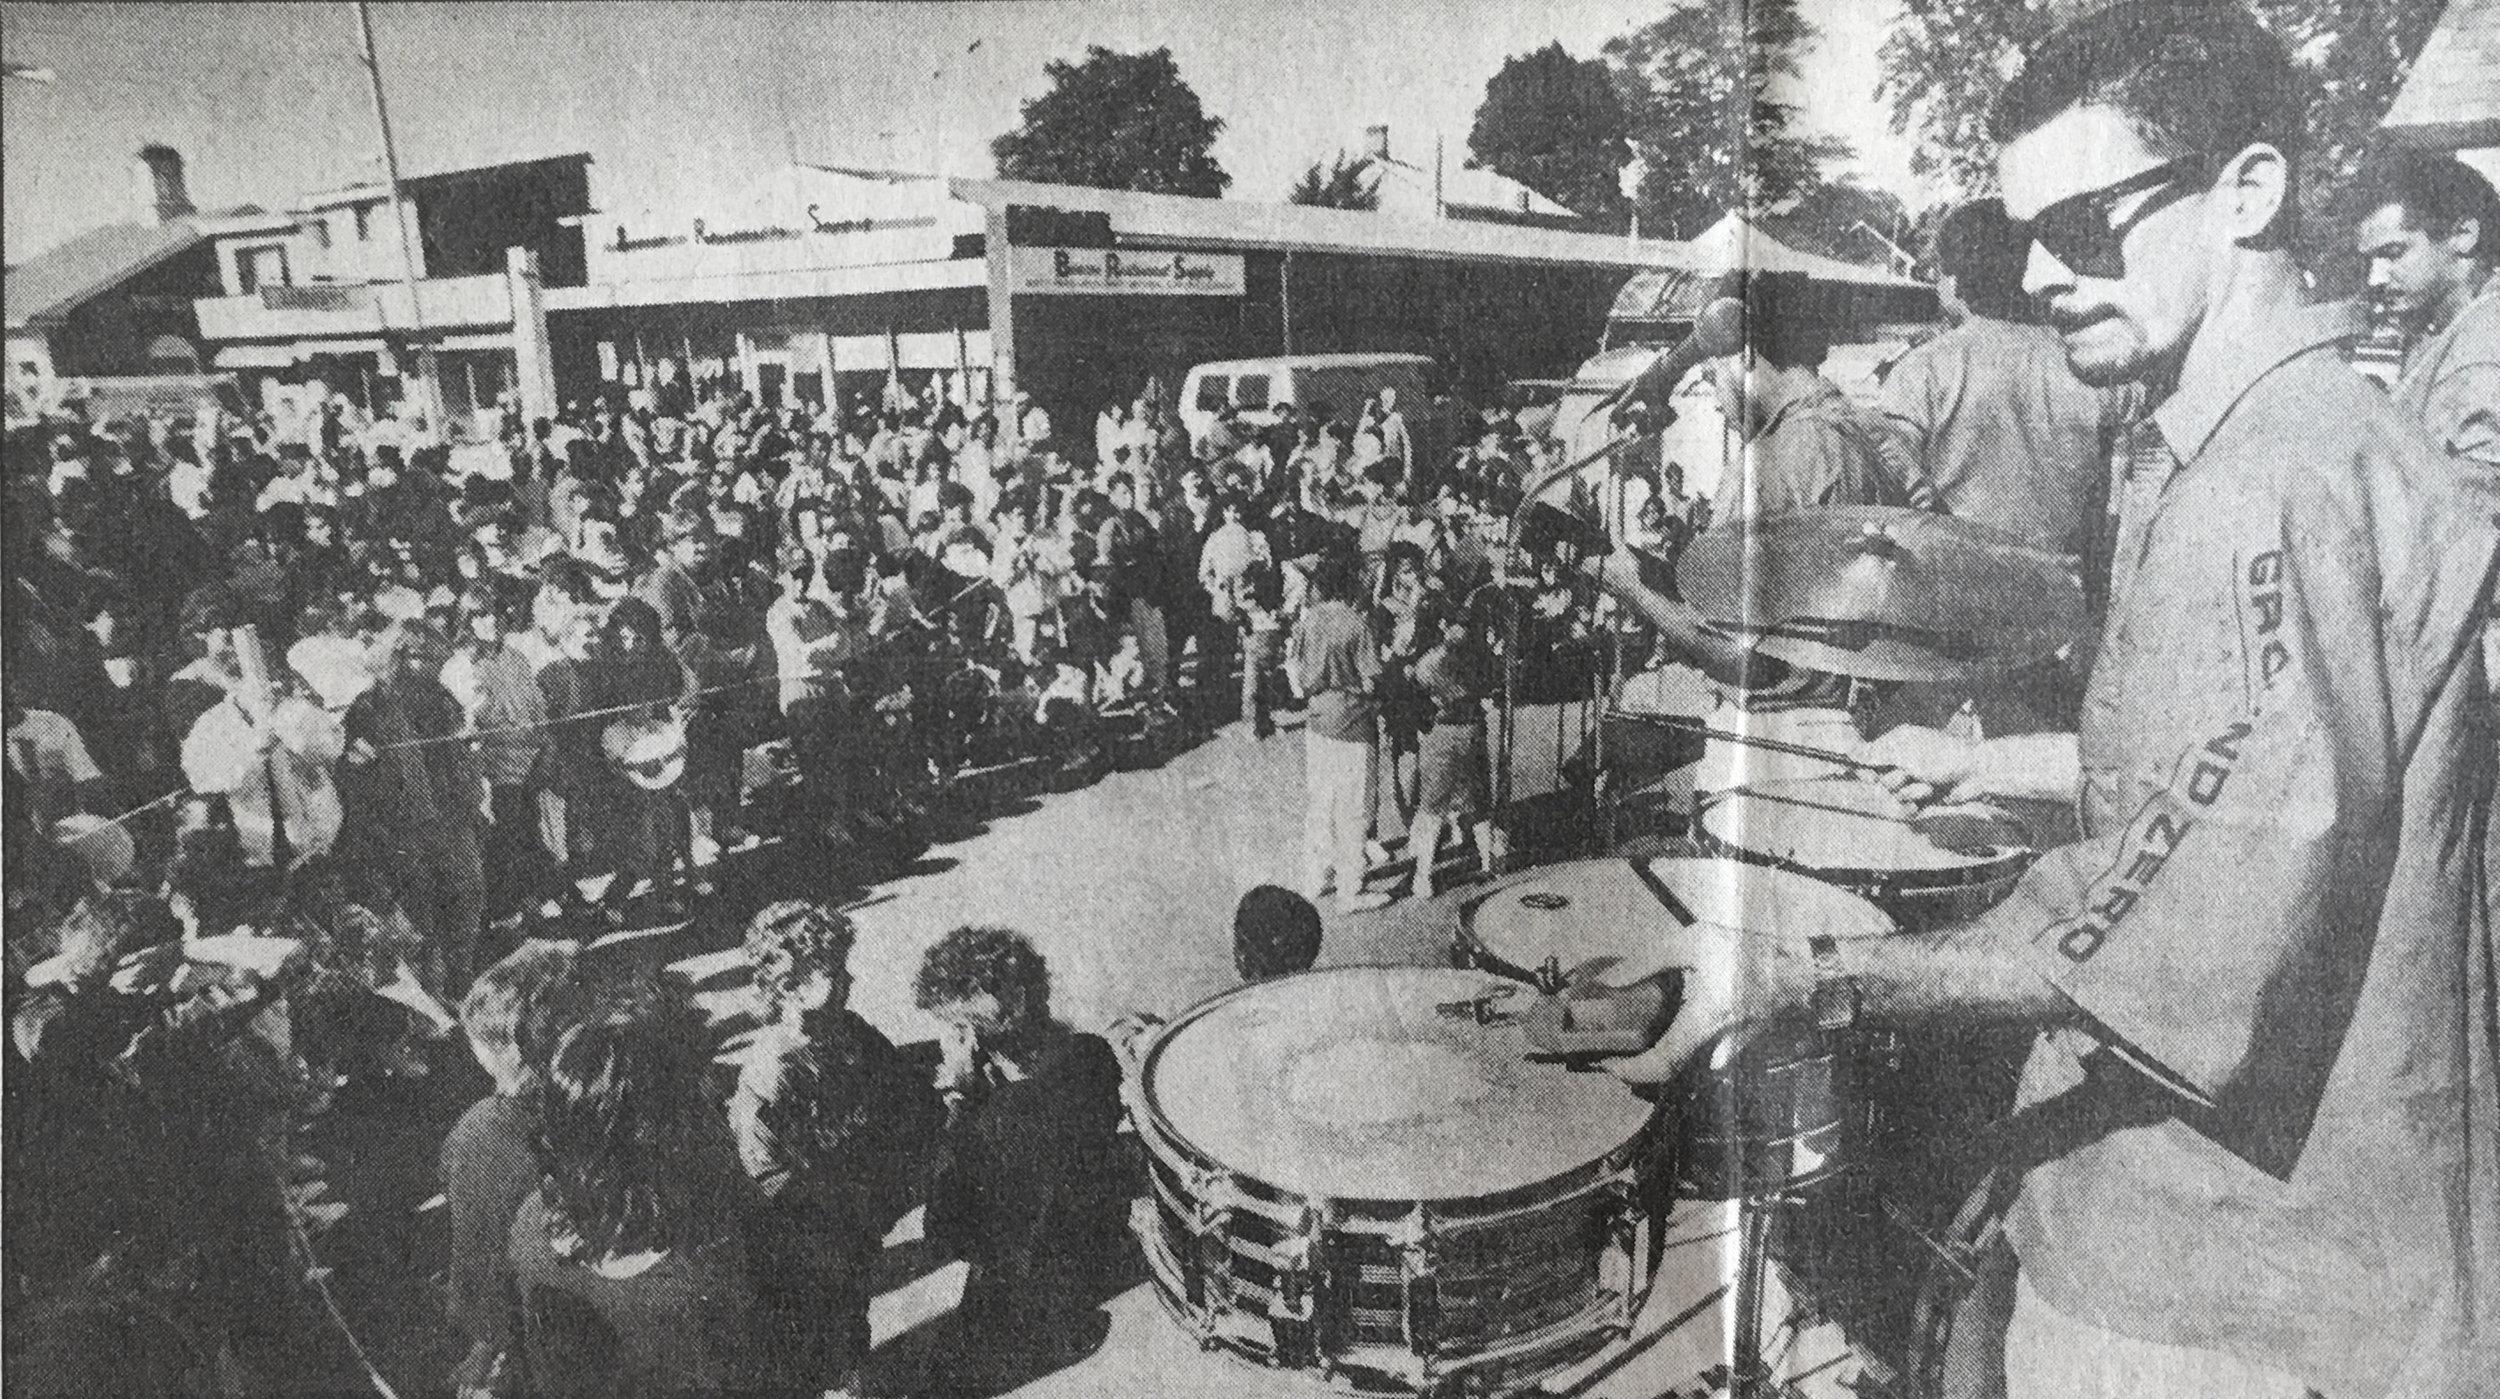 Spirit of Beacon Day 1989, courtesy Beacon Historical Society / Beacon Evening News